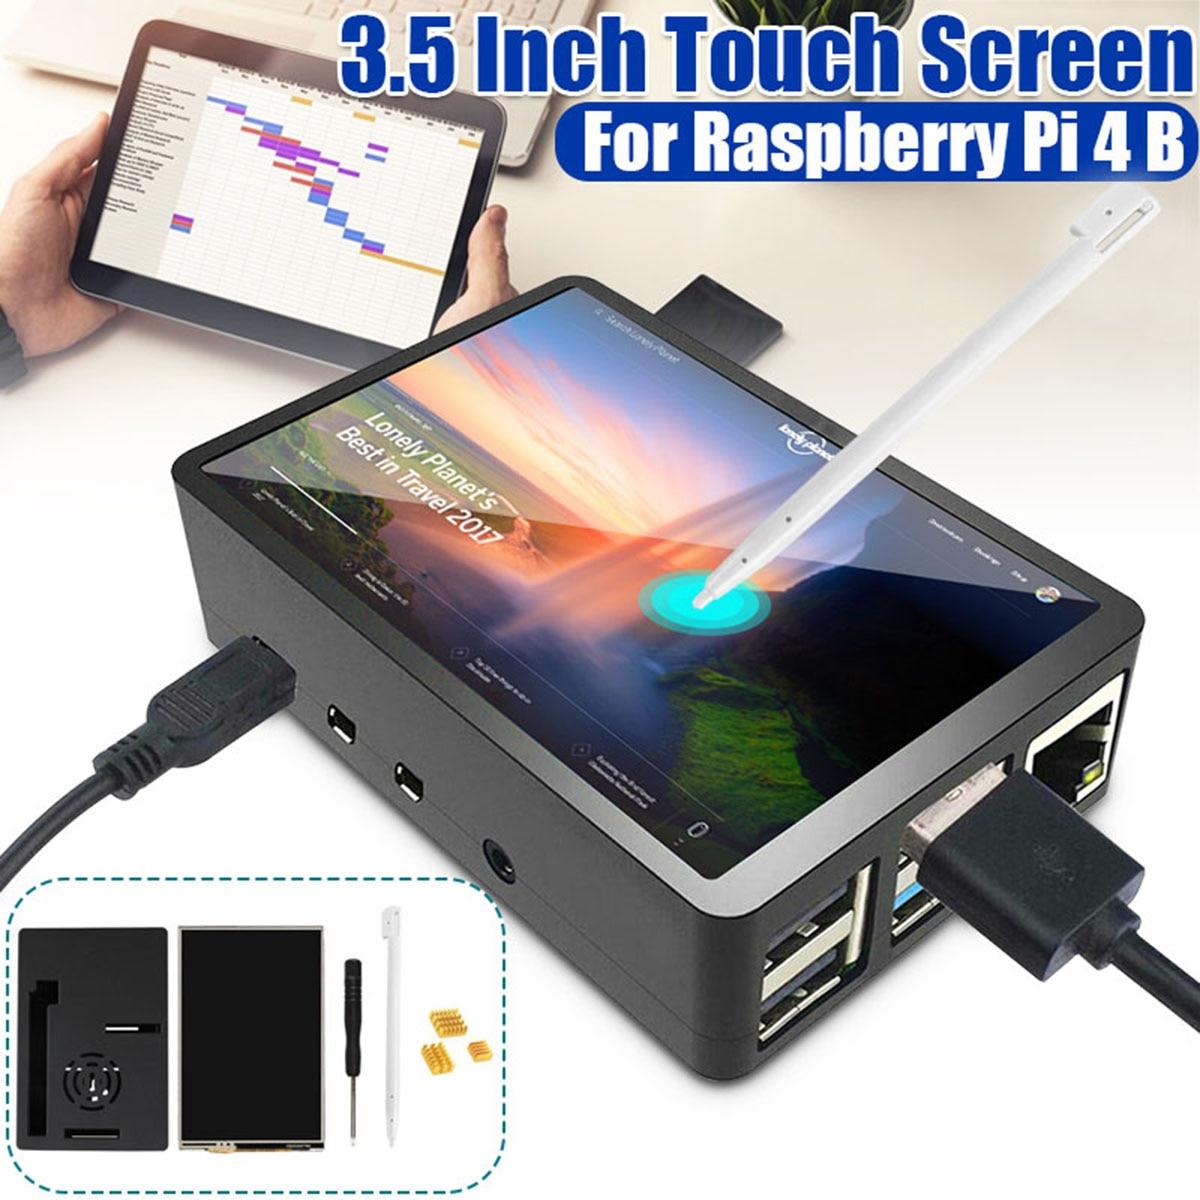 1 conjunto de 3.5 polegada tft lcd touchscreen + abs caso caneta toque chave de fenda display lcd monitor entrada hdmi para raspberry pi 4 b